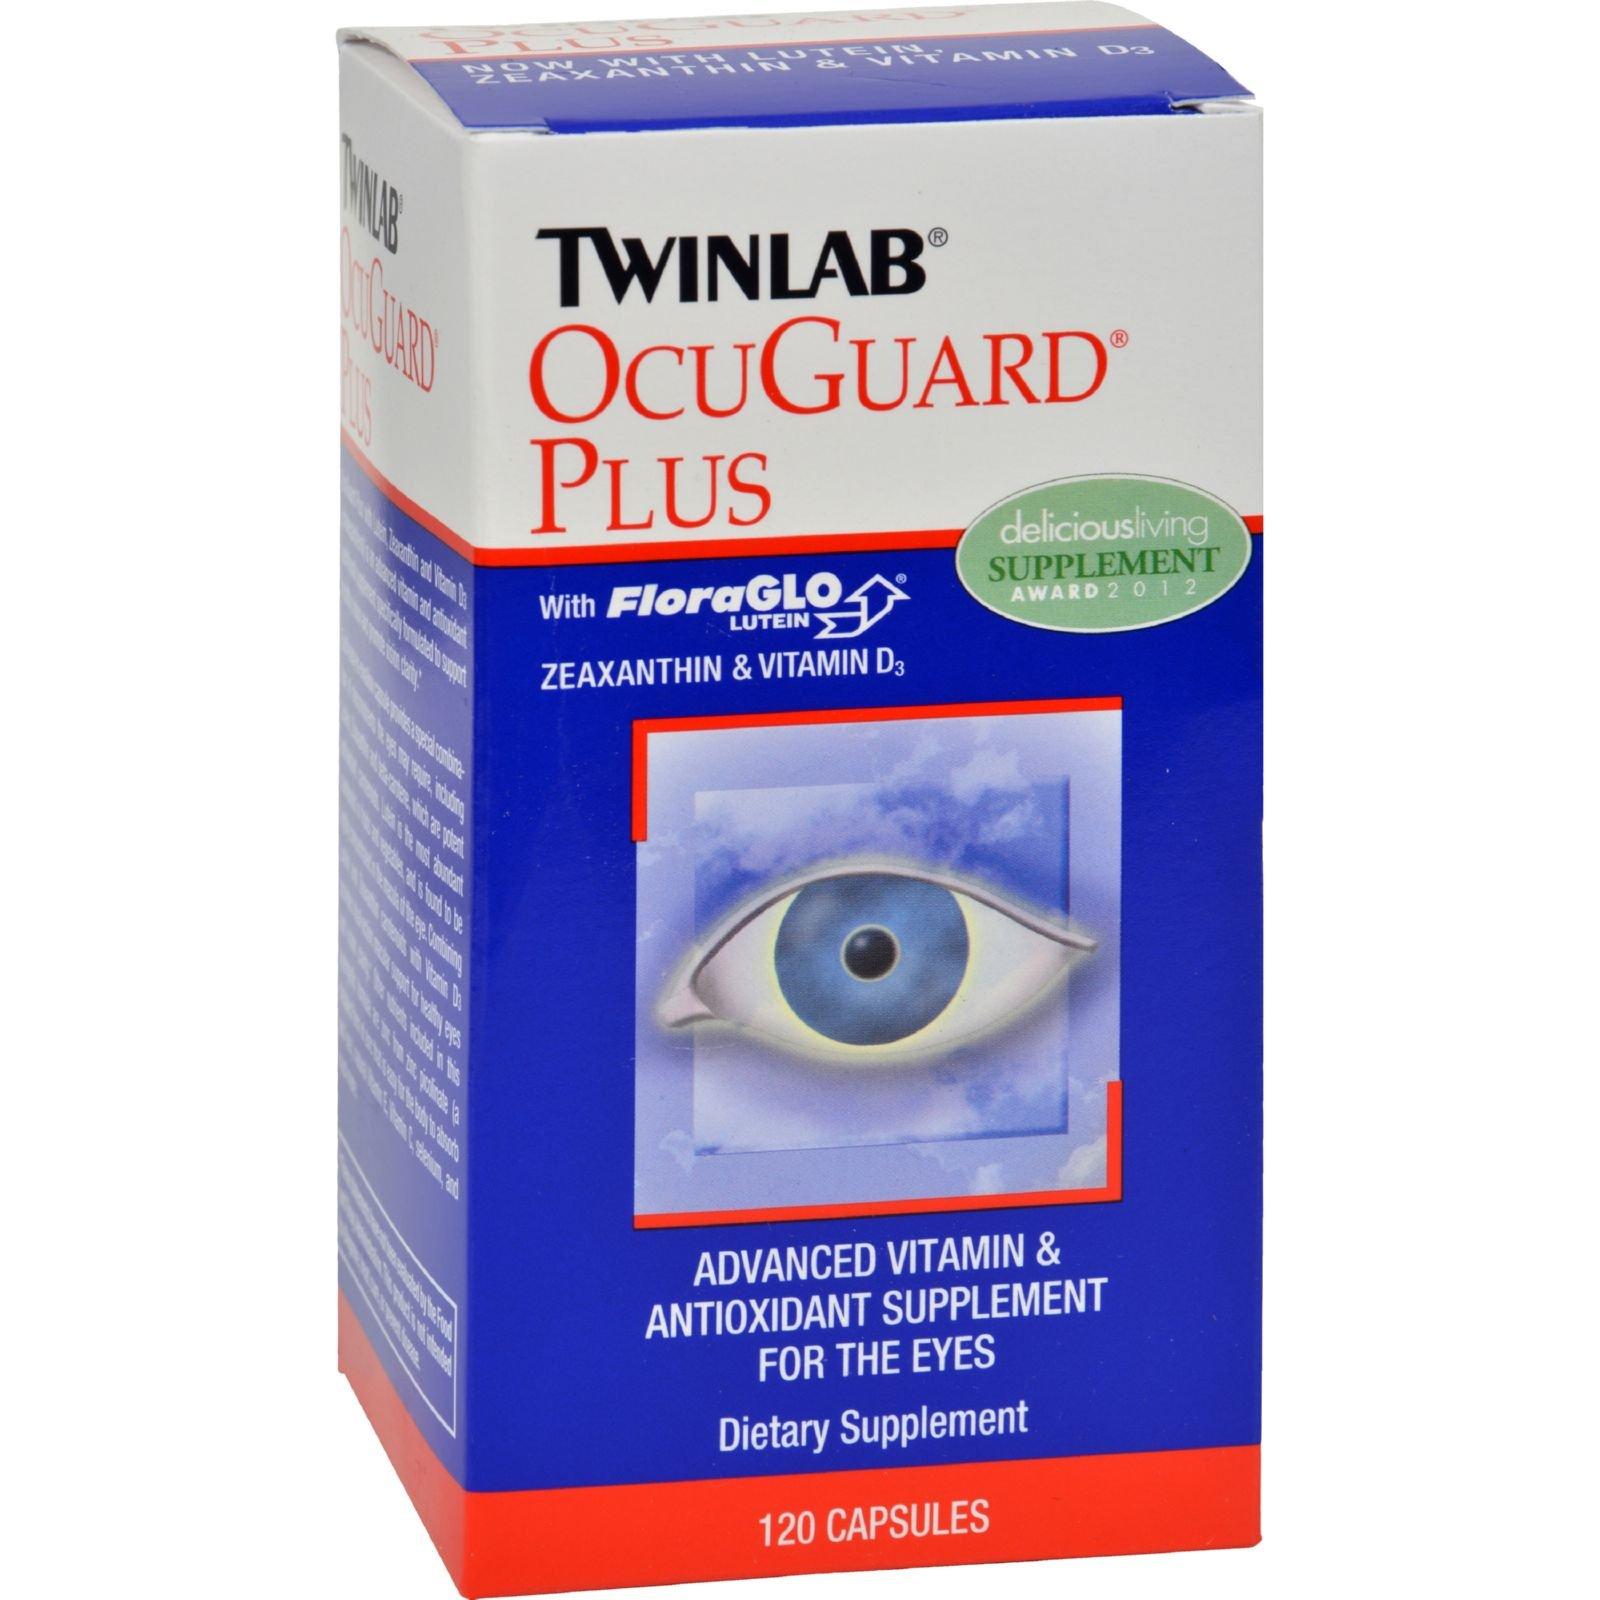 Twinlab OcuGuard Plus - 120 Capsules (Pack of 4)